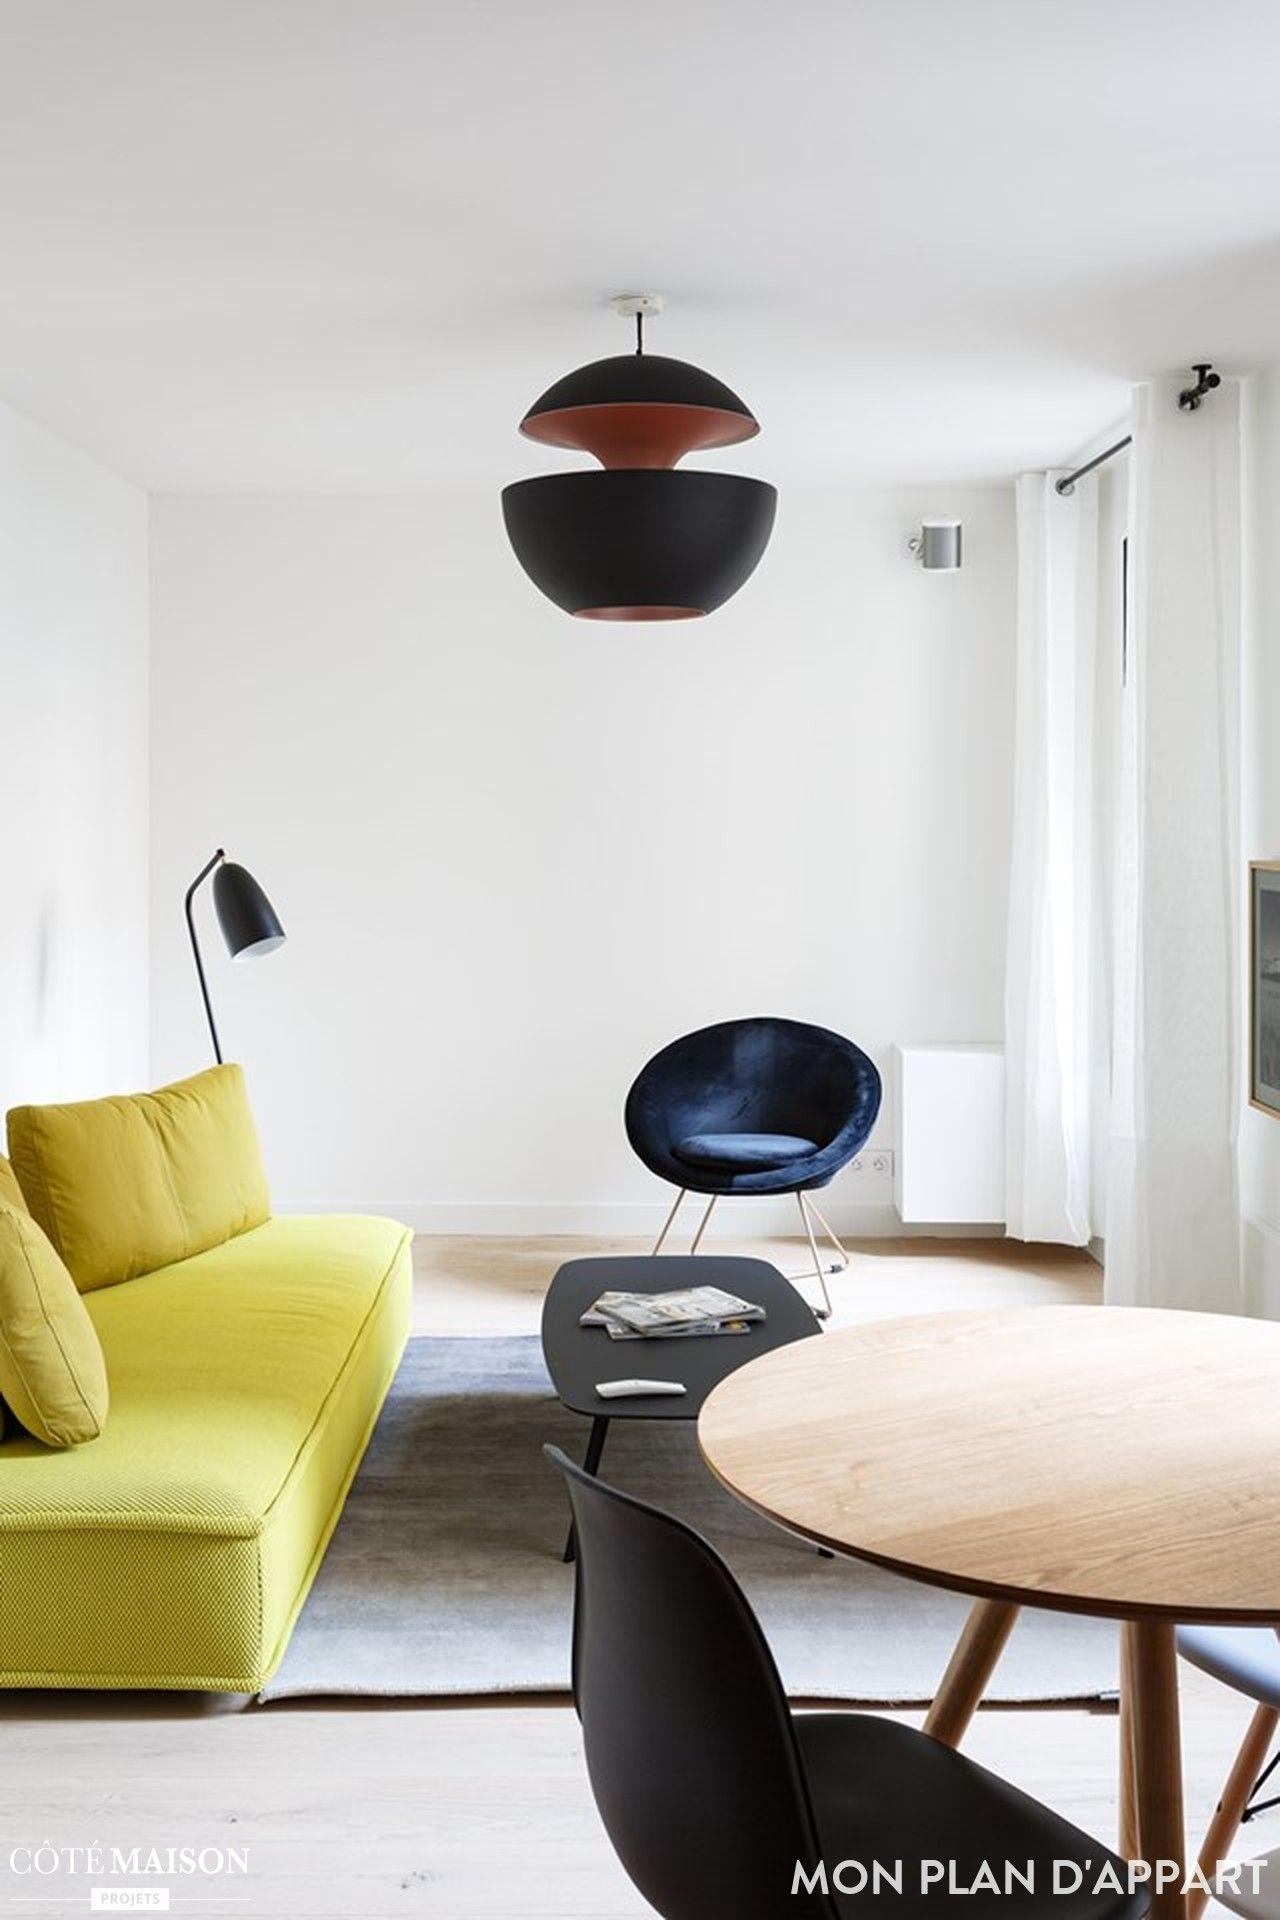 Braque Appartement En Location Mon Plan D 039 Appart Cote Maison Eames Lounge Chair Home Decor Floor Chair